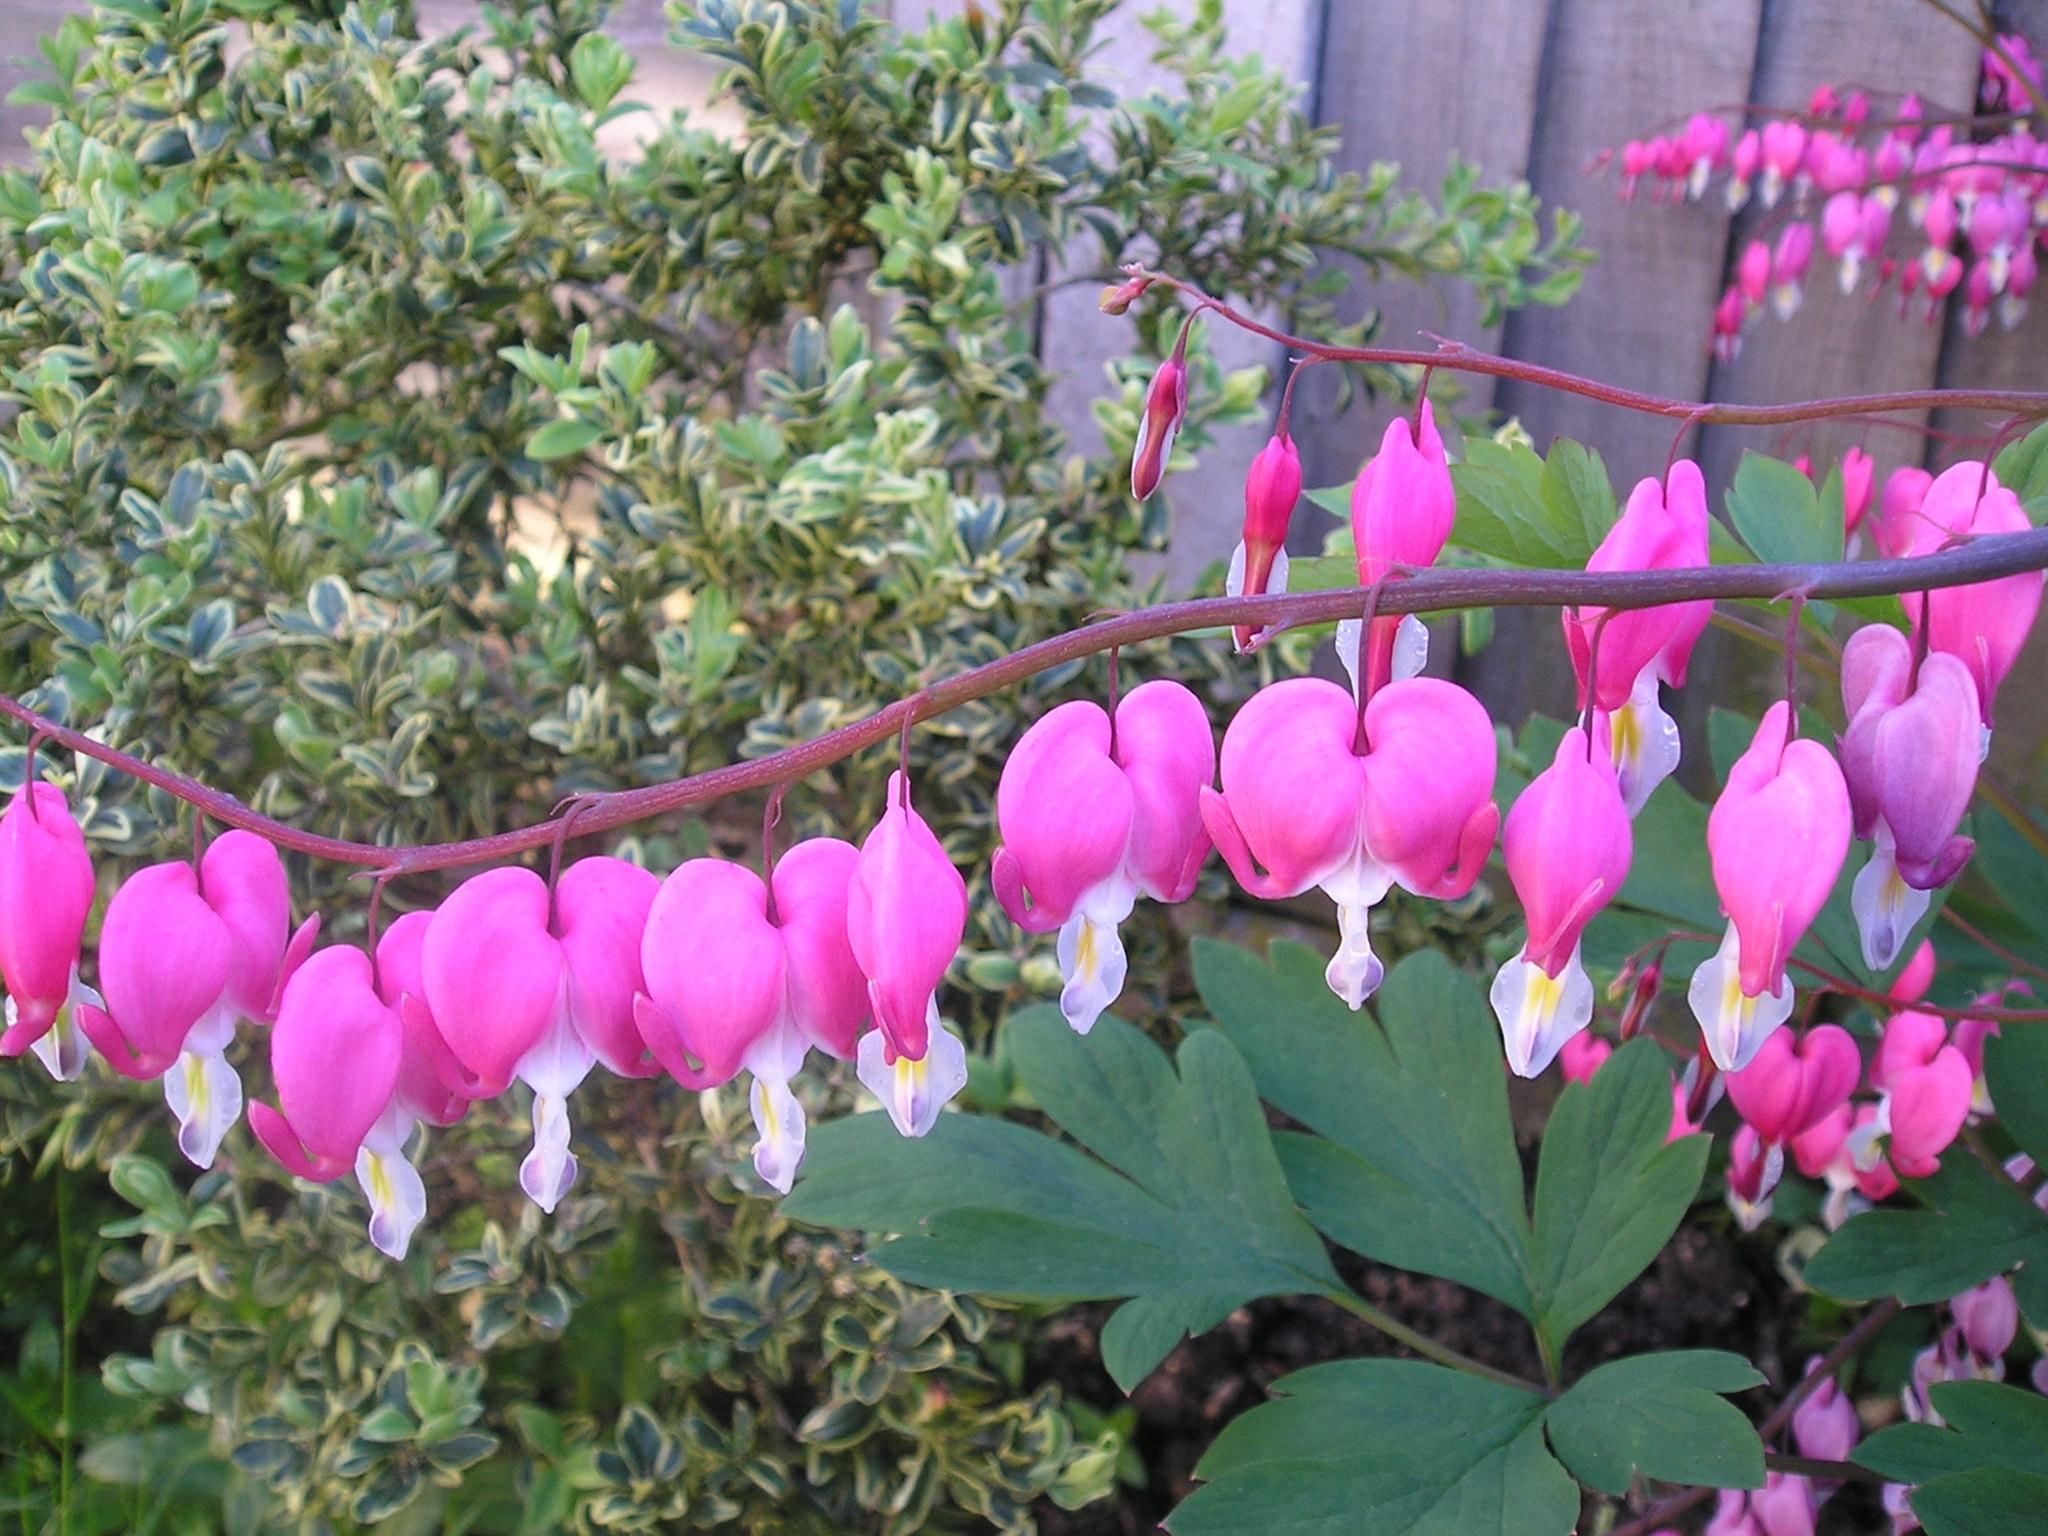 Dicentra Spectablis Bleeding Heart Garden And Plant Photos